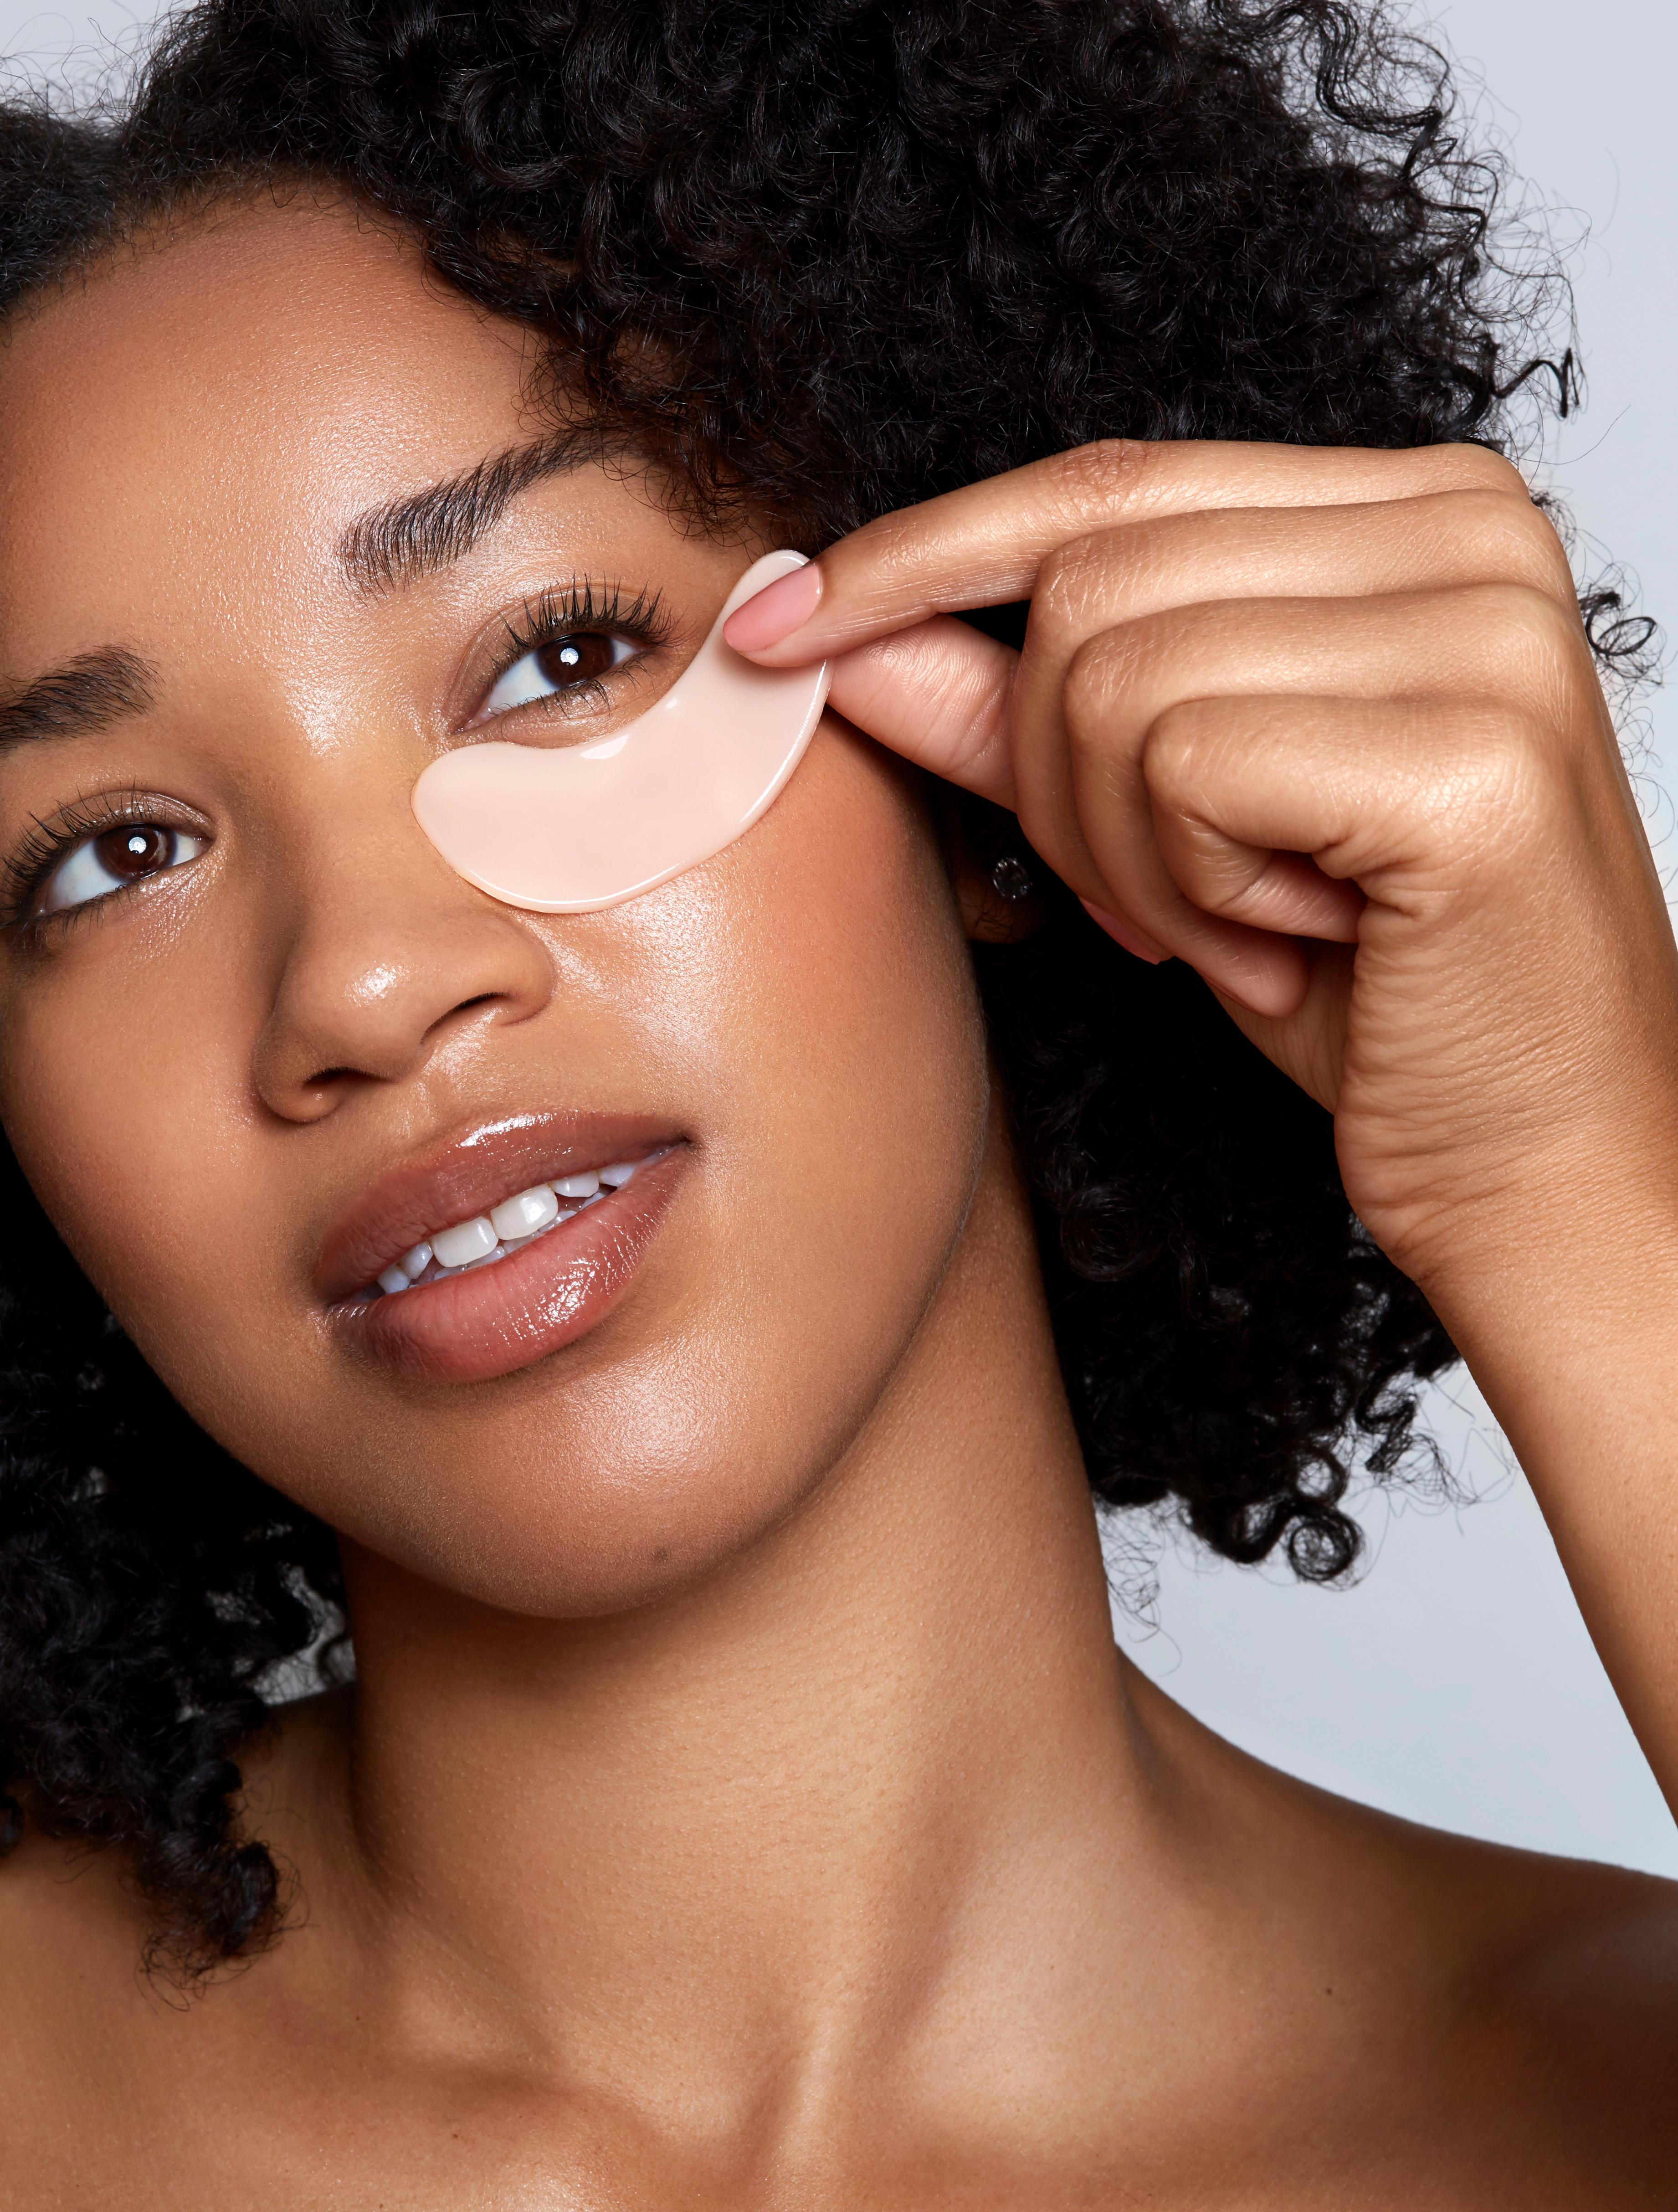 Skincare11617Dec 13 2020